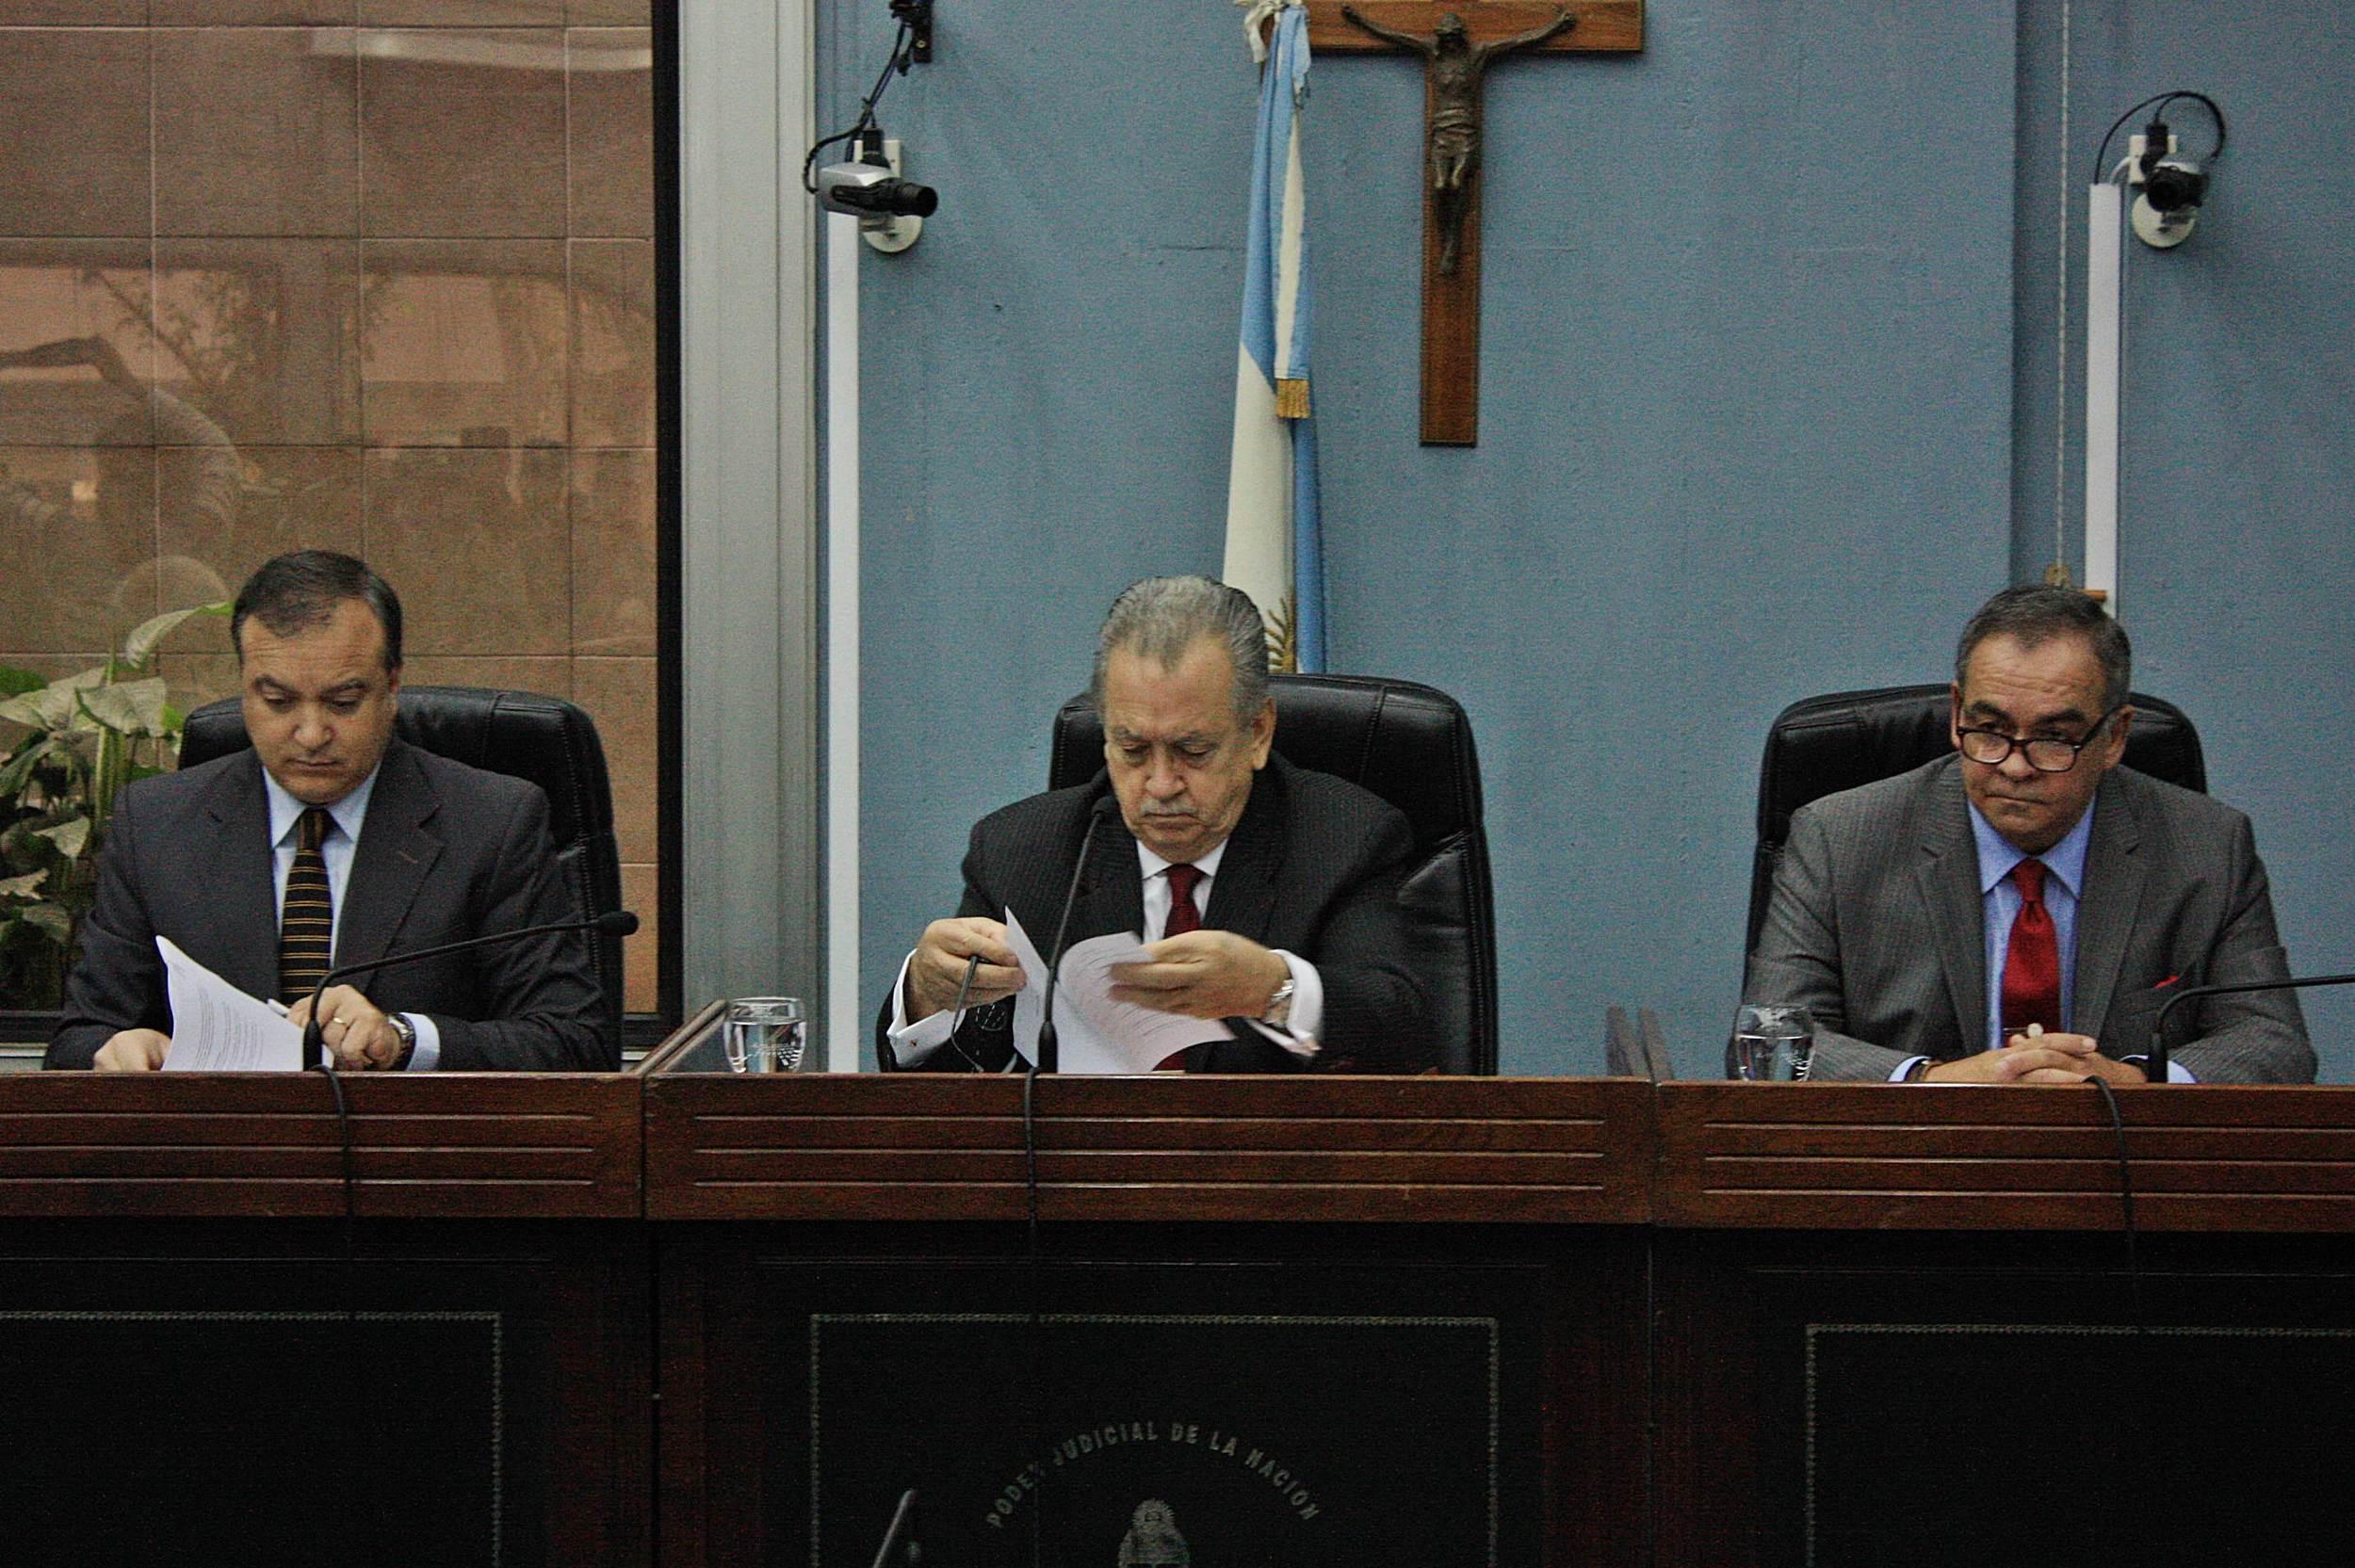 El tribunal presidido por Gabriel Casas será el encargado de juzgar a los 20 imputados.